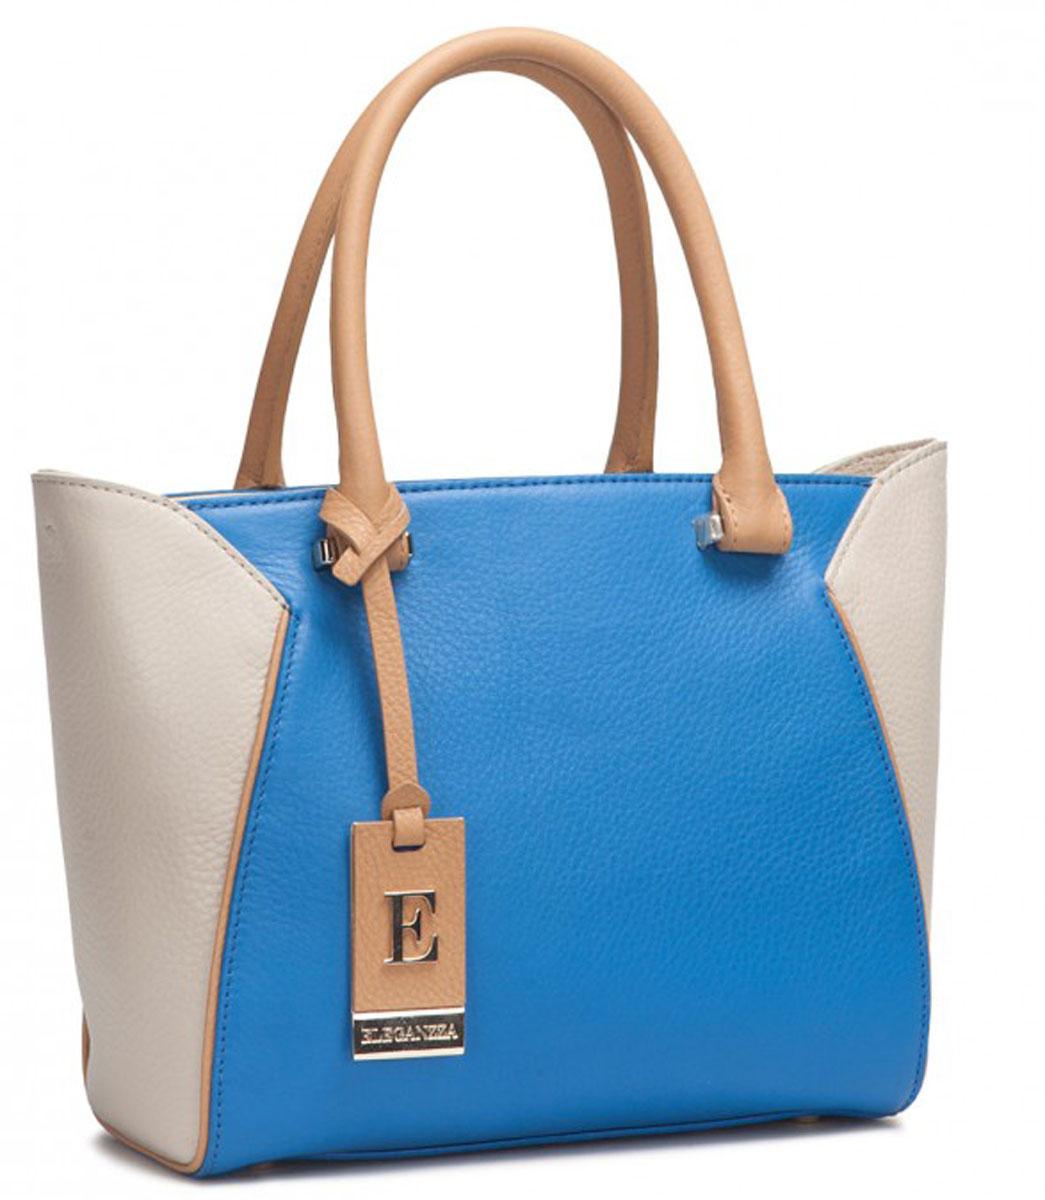 Сумка женская Eleganzza, цвет: голубой, бежевый. Z-14588-2EQW-M710DB-1A1Женская сумка торговой марки ELEGANZZA из натуральной кожи. Сумка закрывается на металлическую молнию. Внутри - два отделения, разделенные средником на молнии, в одном имеется карман на молнии, в другом - карман для мобильного телефона и открытый карман. Модель имеет ножки на дне, а так же карман на задней стенке. На передней стенке есть отделение без карманов, которое закрывается на магнит. Высота ручек - 13 см. Длина наплечного ремня - 110 см.